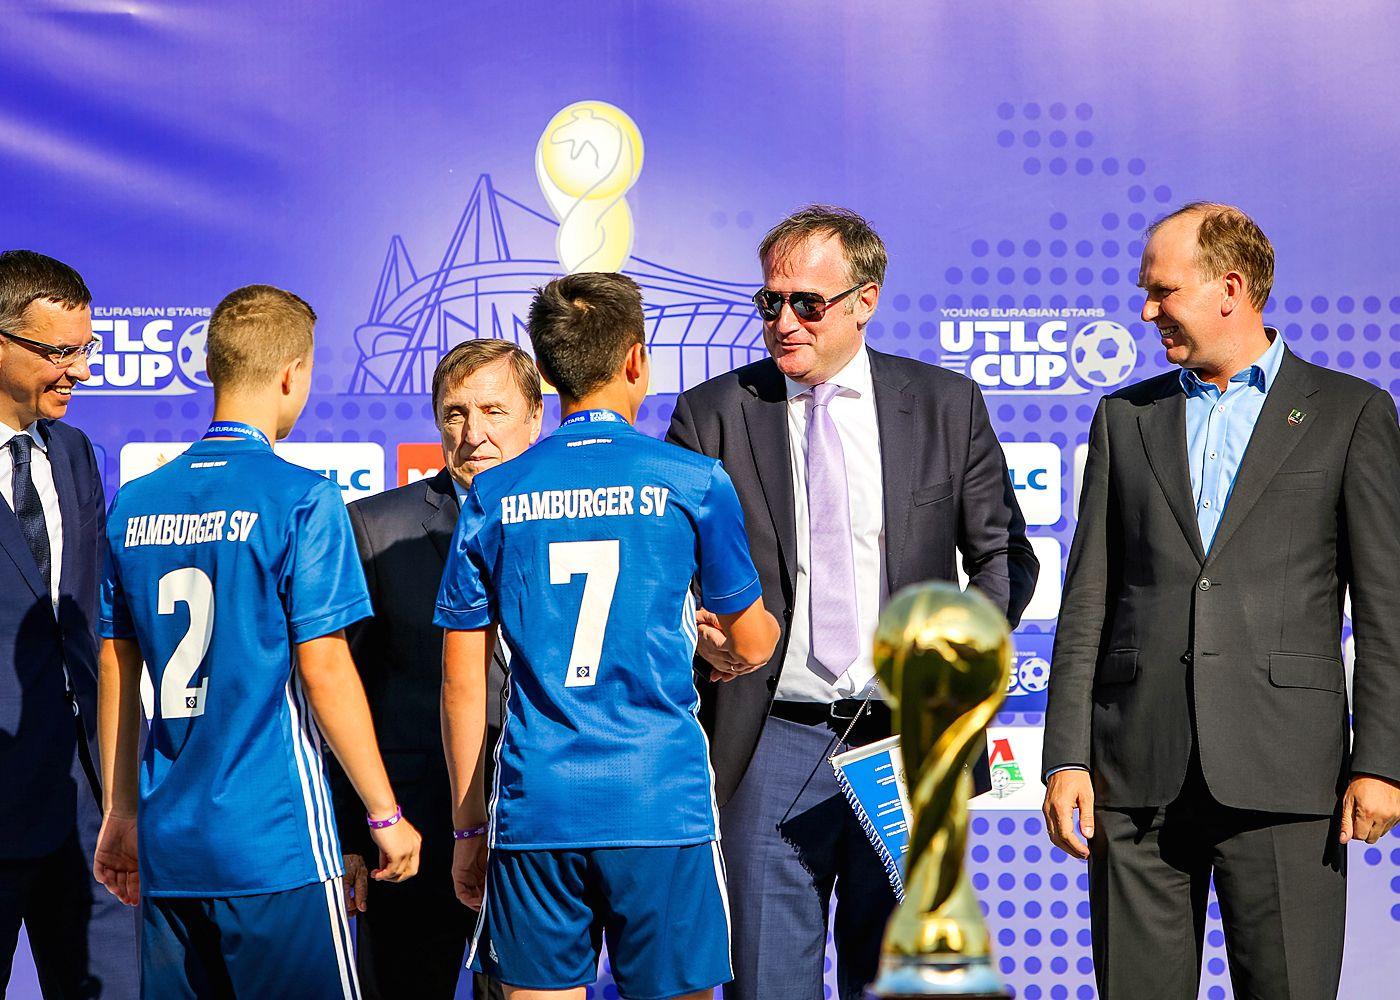 Международный футбольный турнир UTLC Cup 2018 среди юношей фото 3